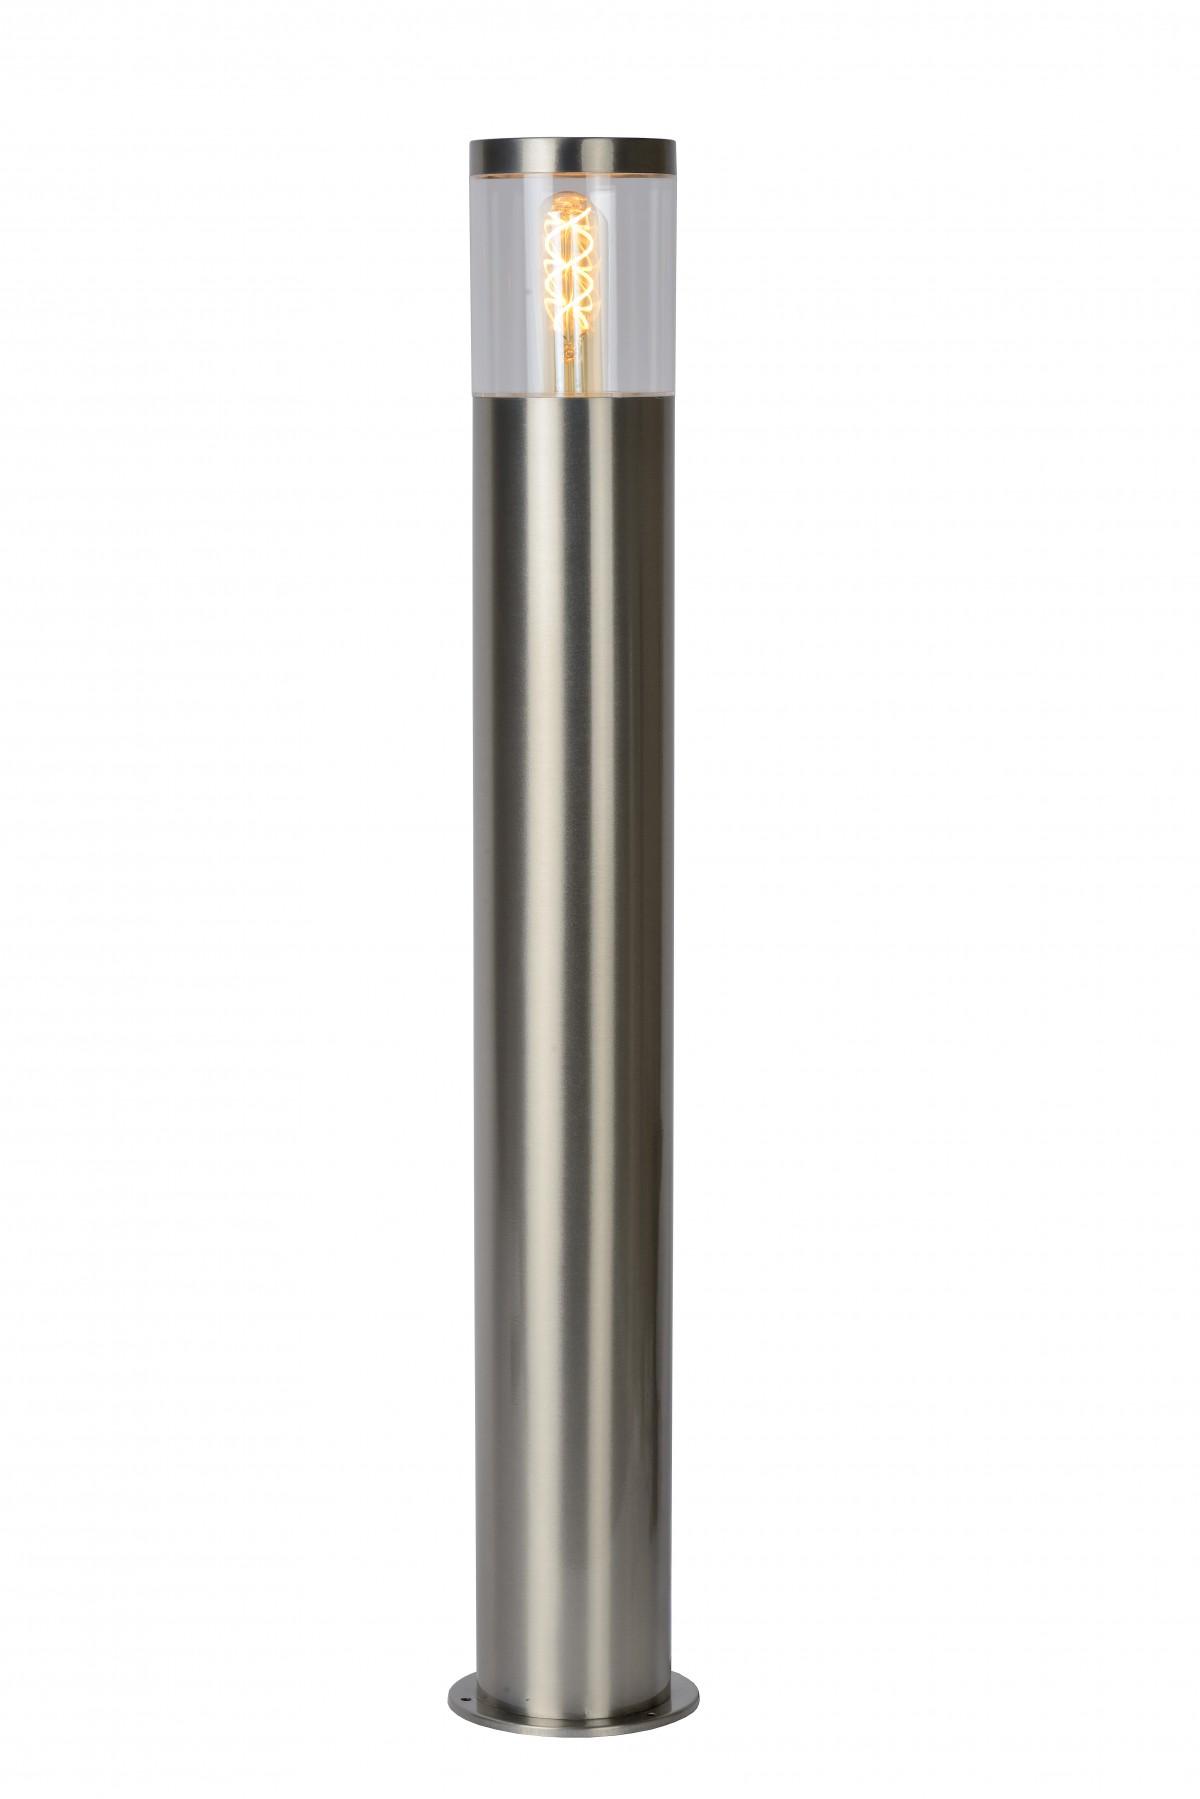 Lucide 14899/80/12 venkovní stojací lampa Fedor 1x40W|E27